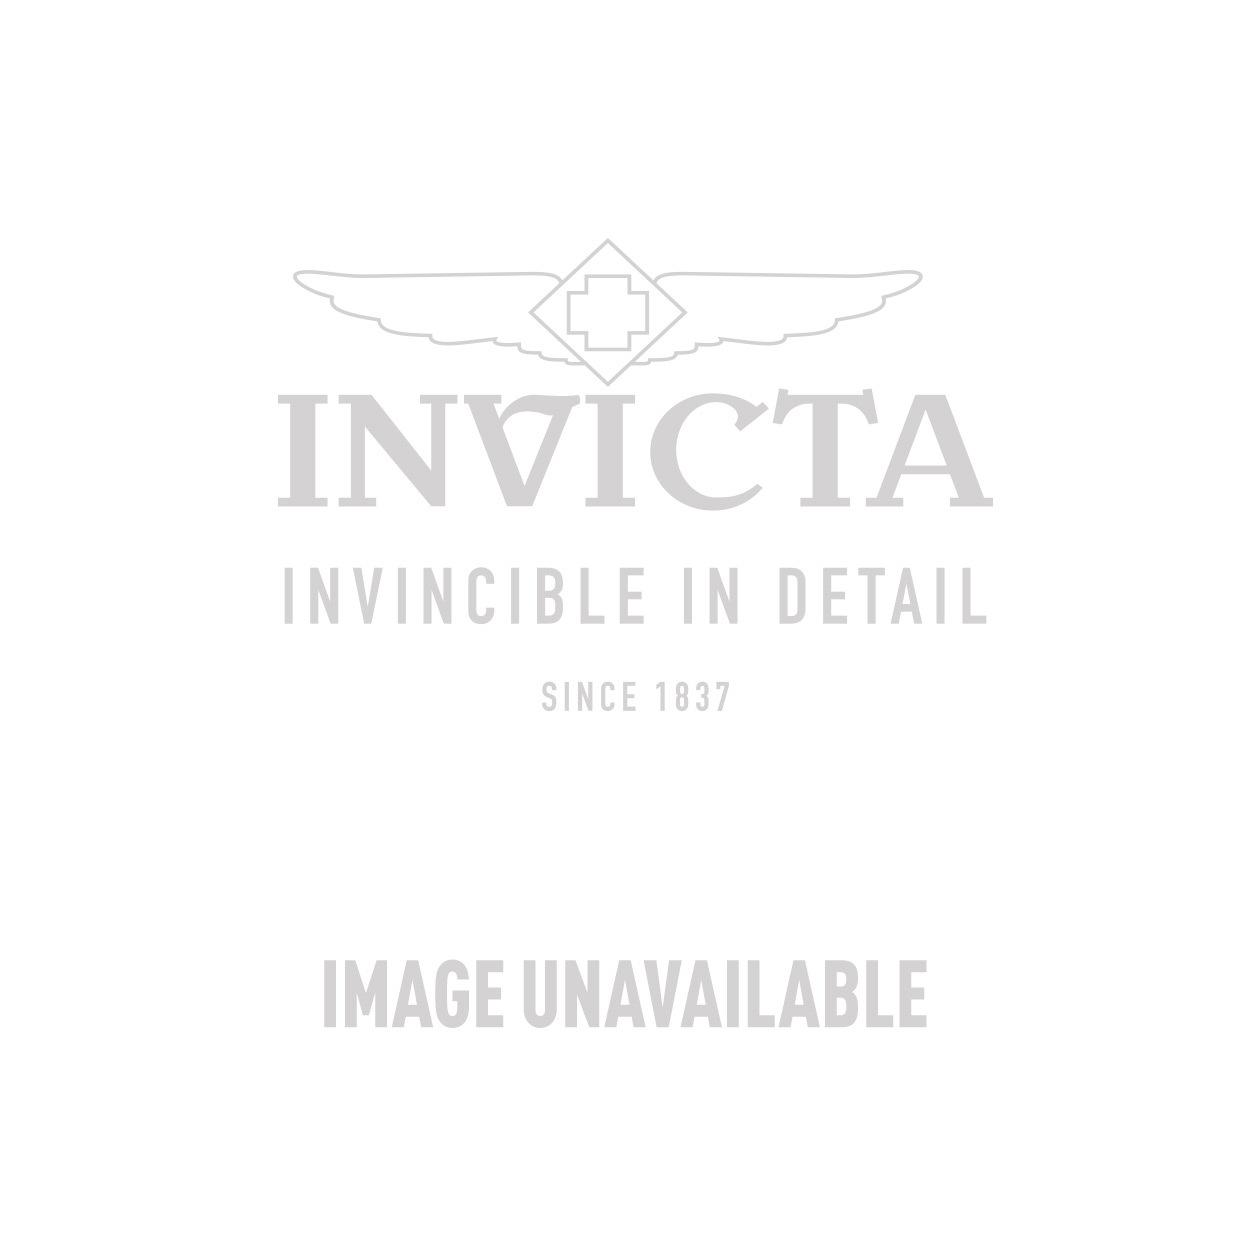 Invicta Model 27247